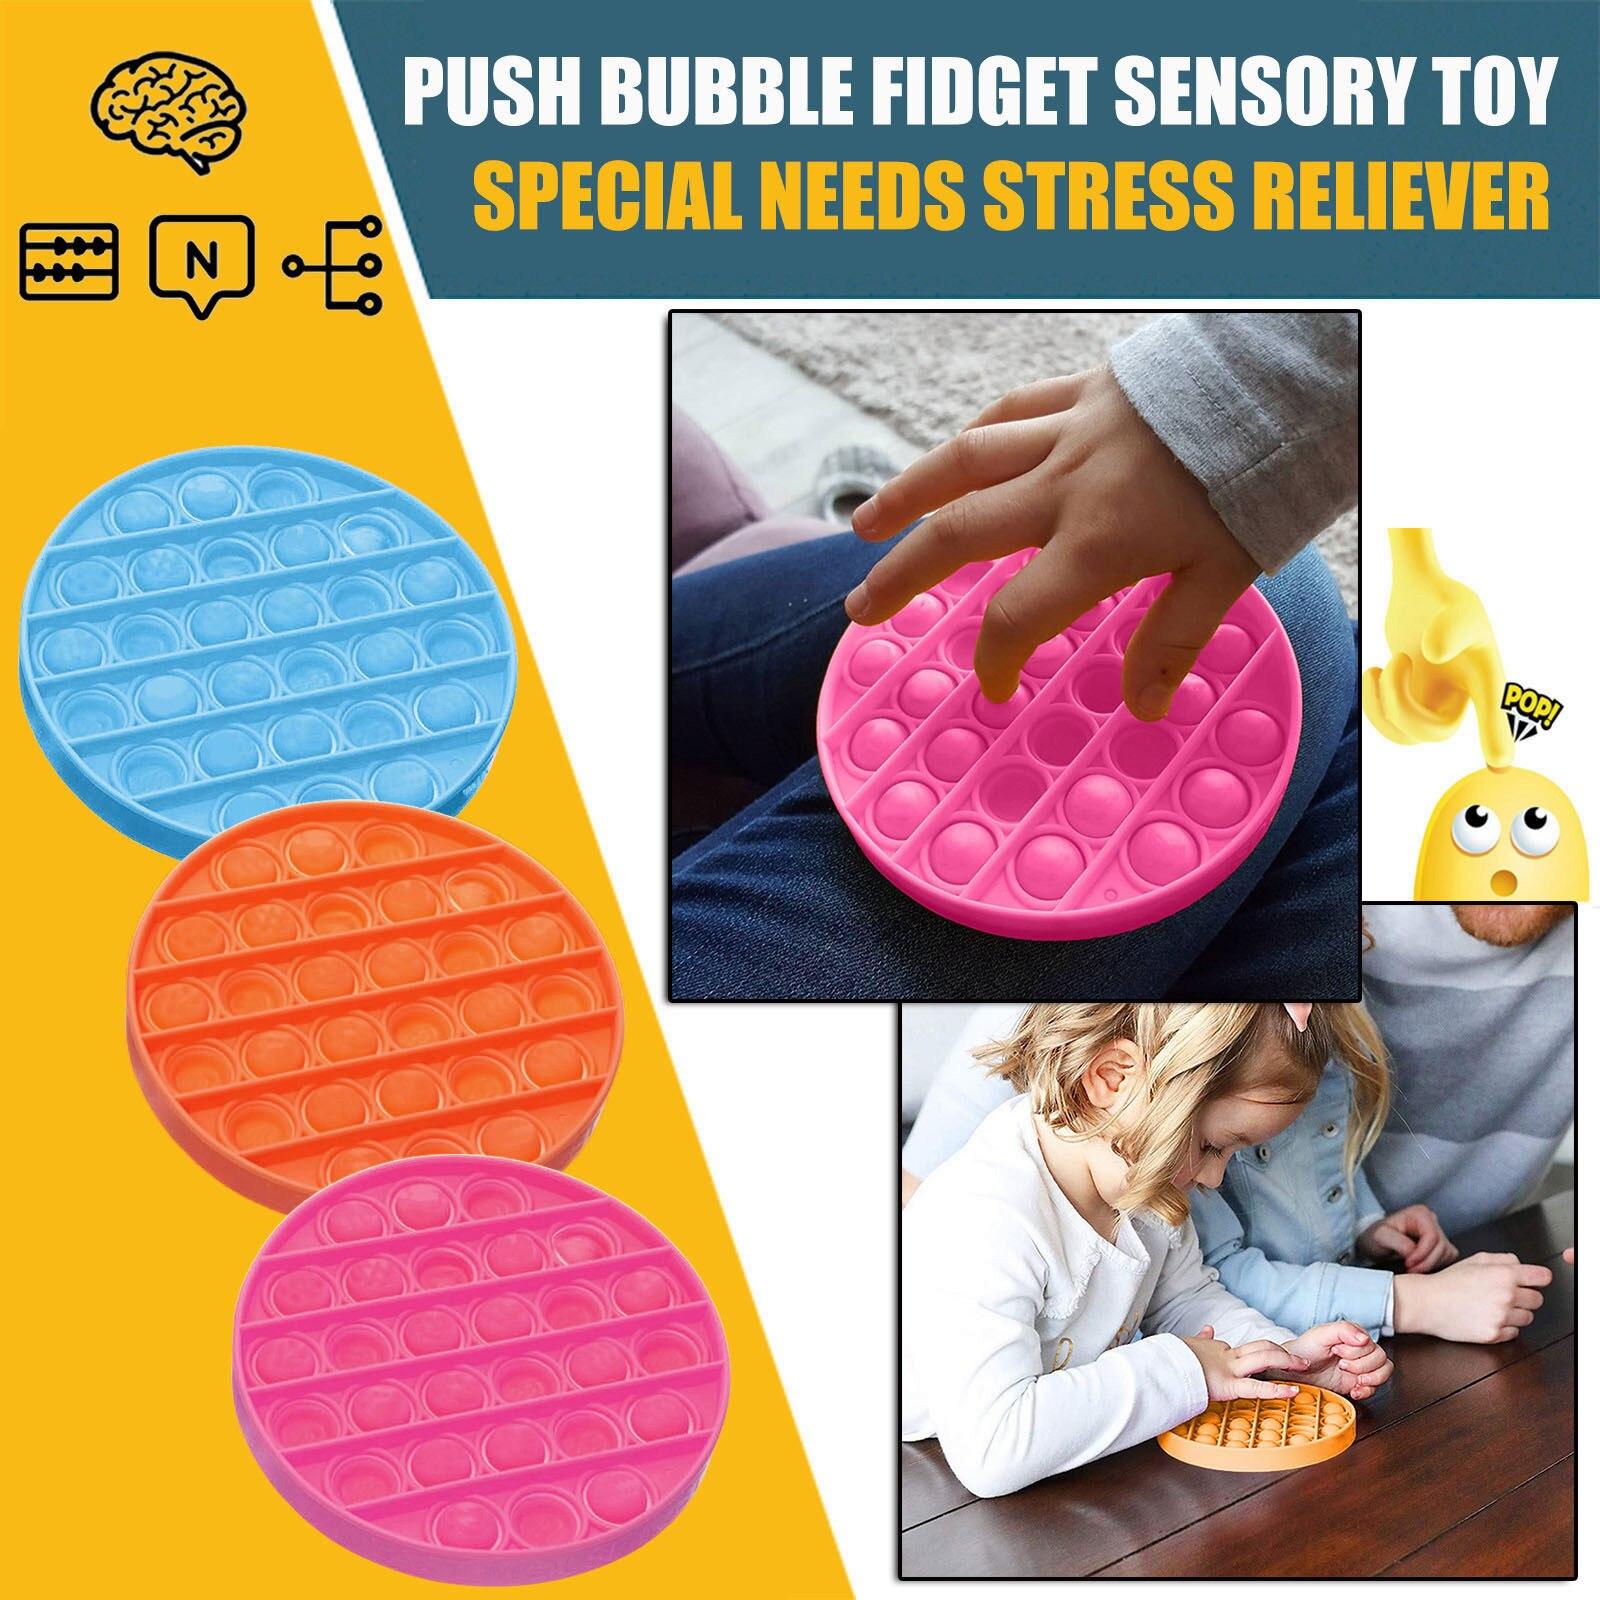 Adulte enfants drôle Pop-it jouets pousser bulle Fidget jouet sensoriel autisme besoins spéciaux anti-Stress jouets spongieux